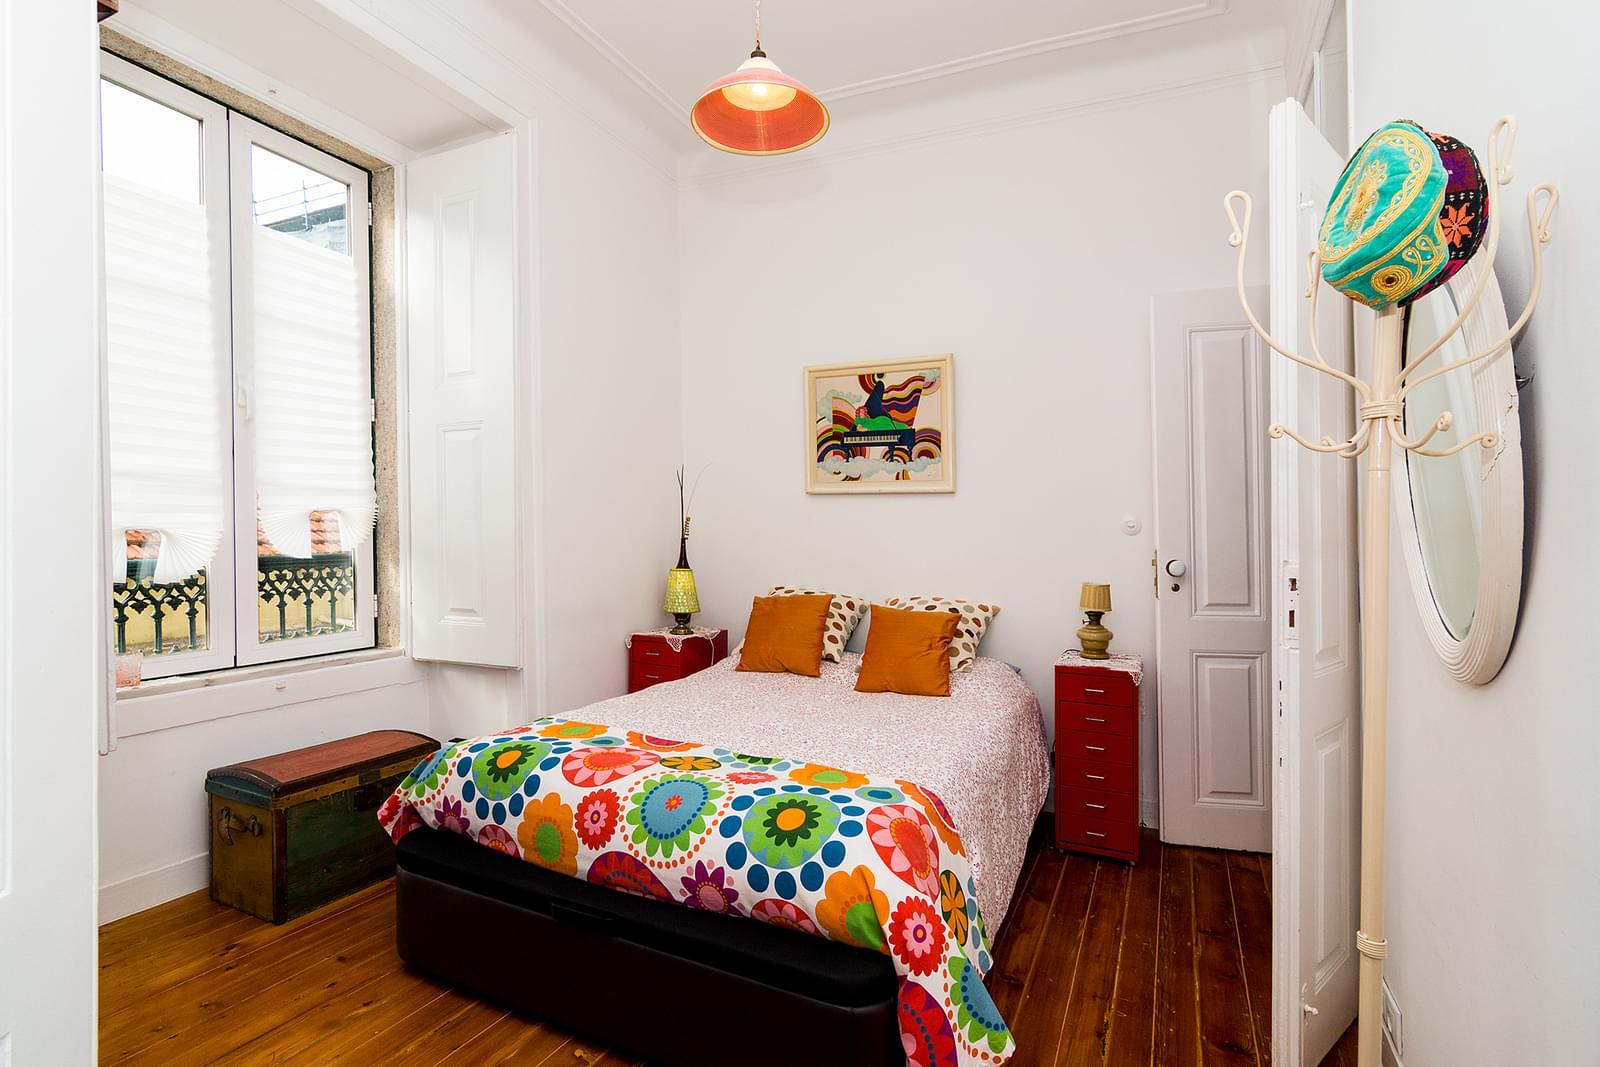 pf17497-apartamento-t3-lisboa-129a5a24-68b5-4584-b3ca-b92622577ec8